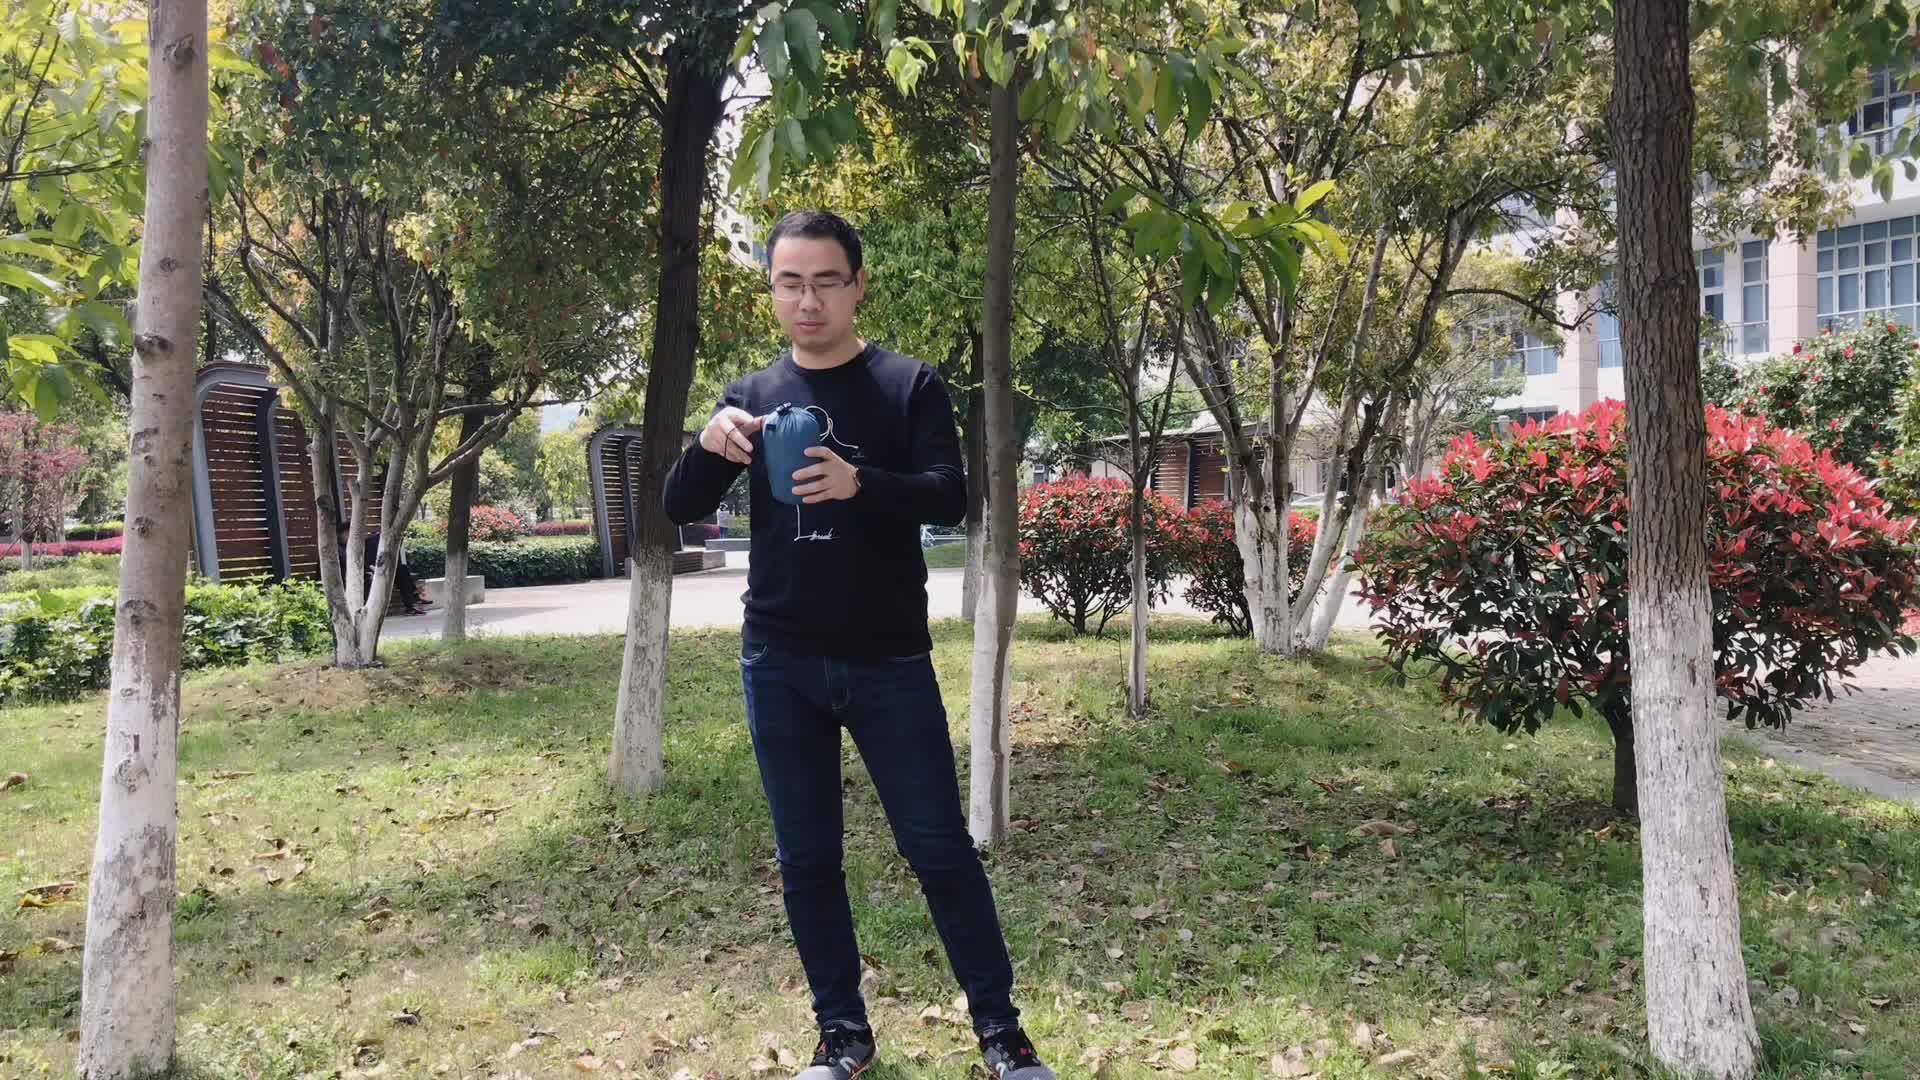 2 Persona al aire libre con árbol correa de paracaídas de Nylon hamaca